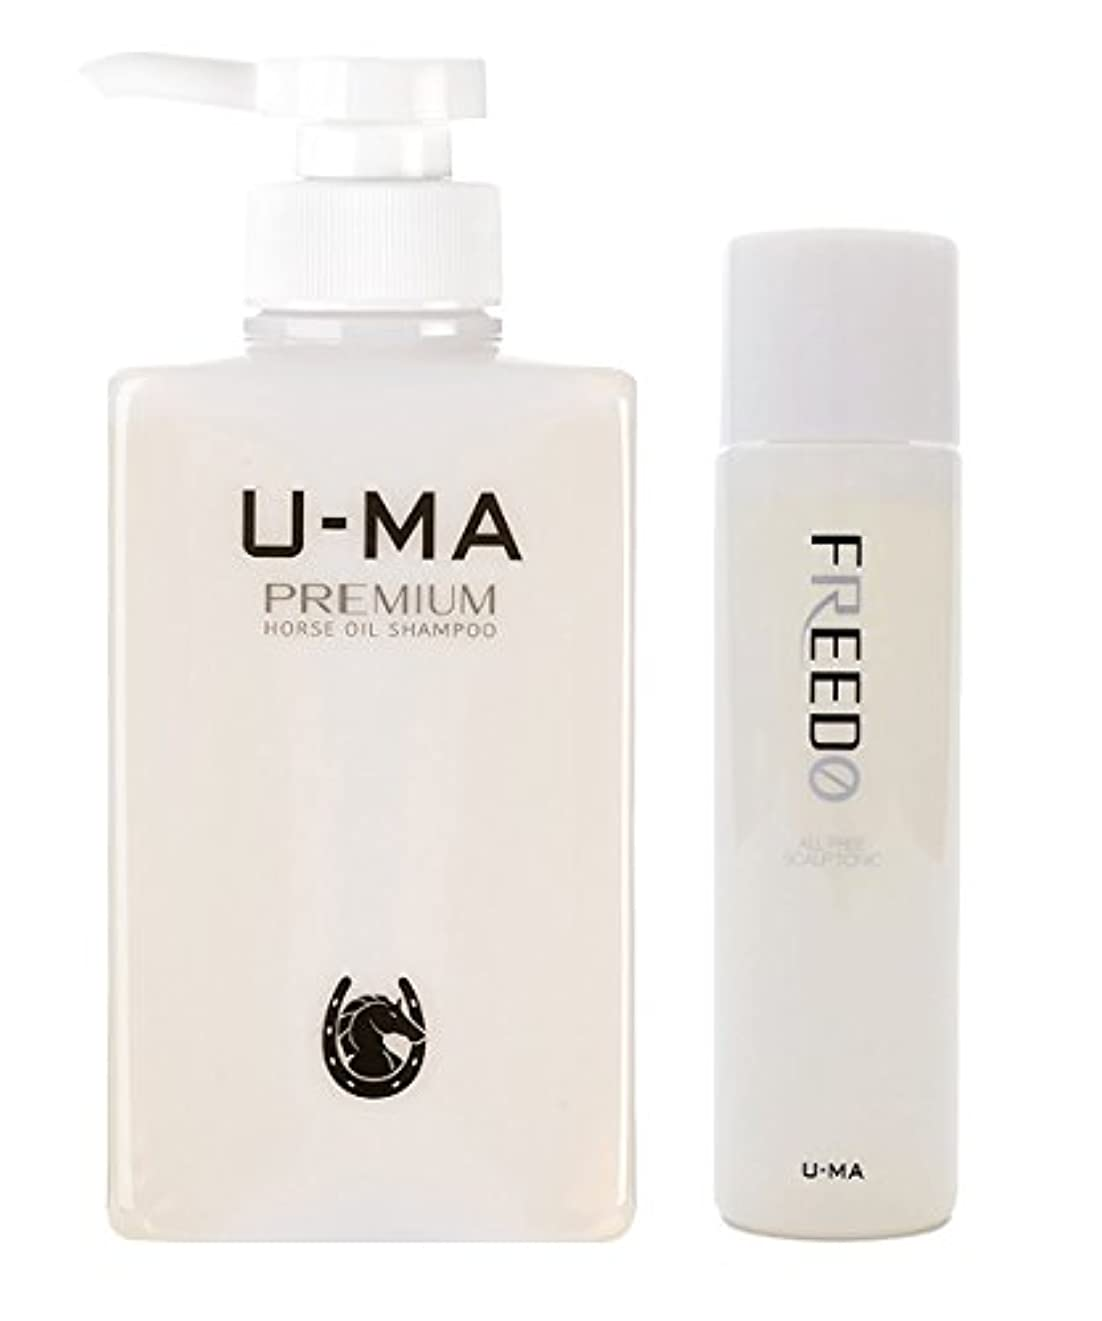 辞任する証明書冷淡なU-MA ウーマシャンプープレミアム 300ml (約2ヶ月分) & 薬用 育毛剤 フリード 150ml (約2ヶ月分)